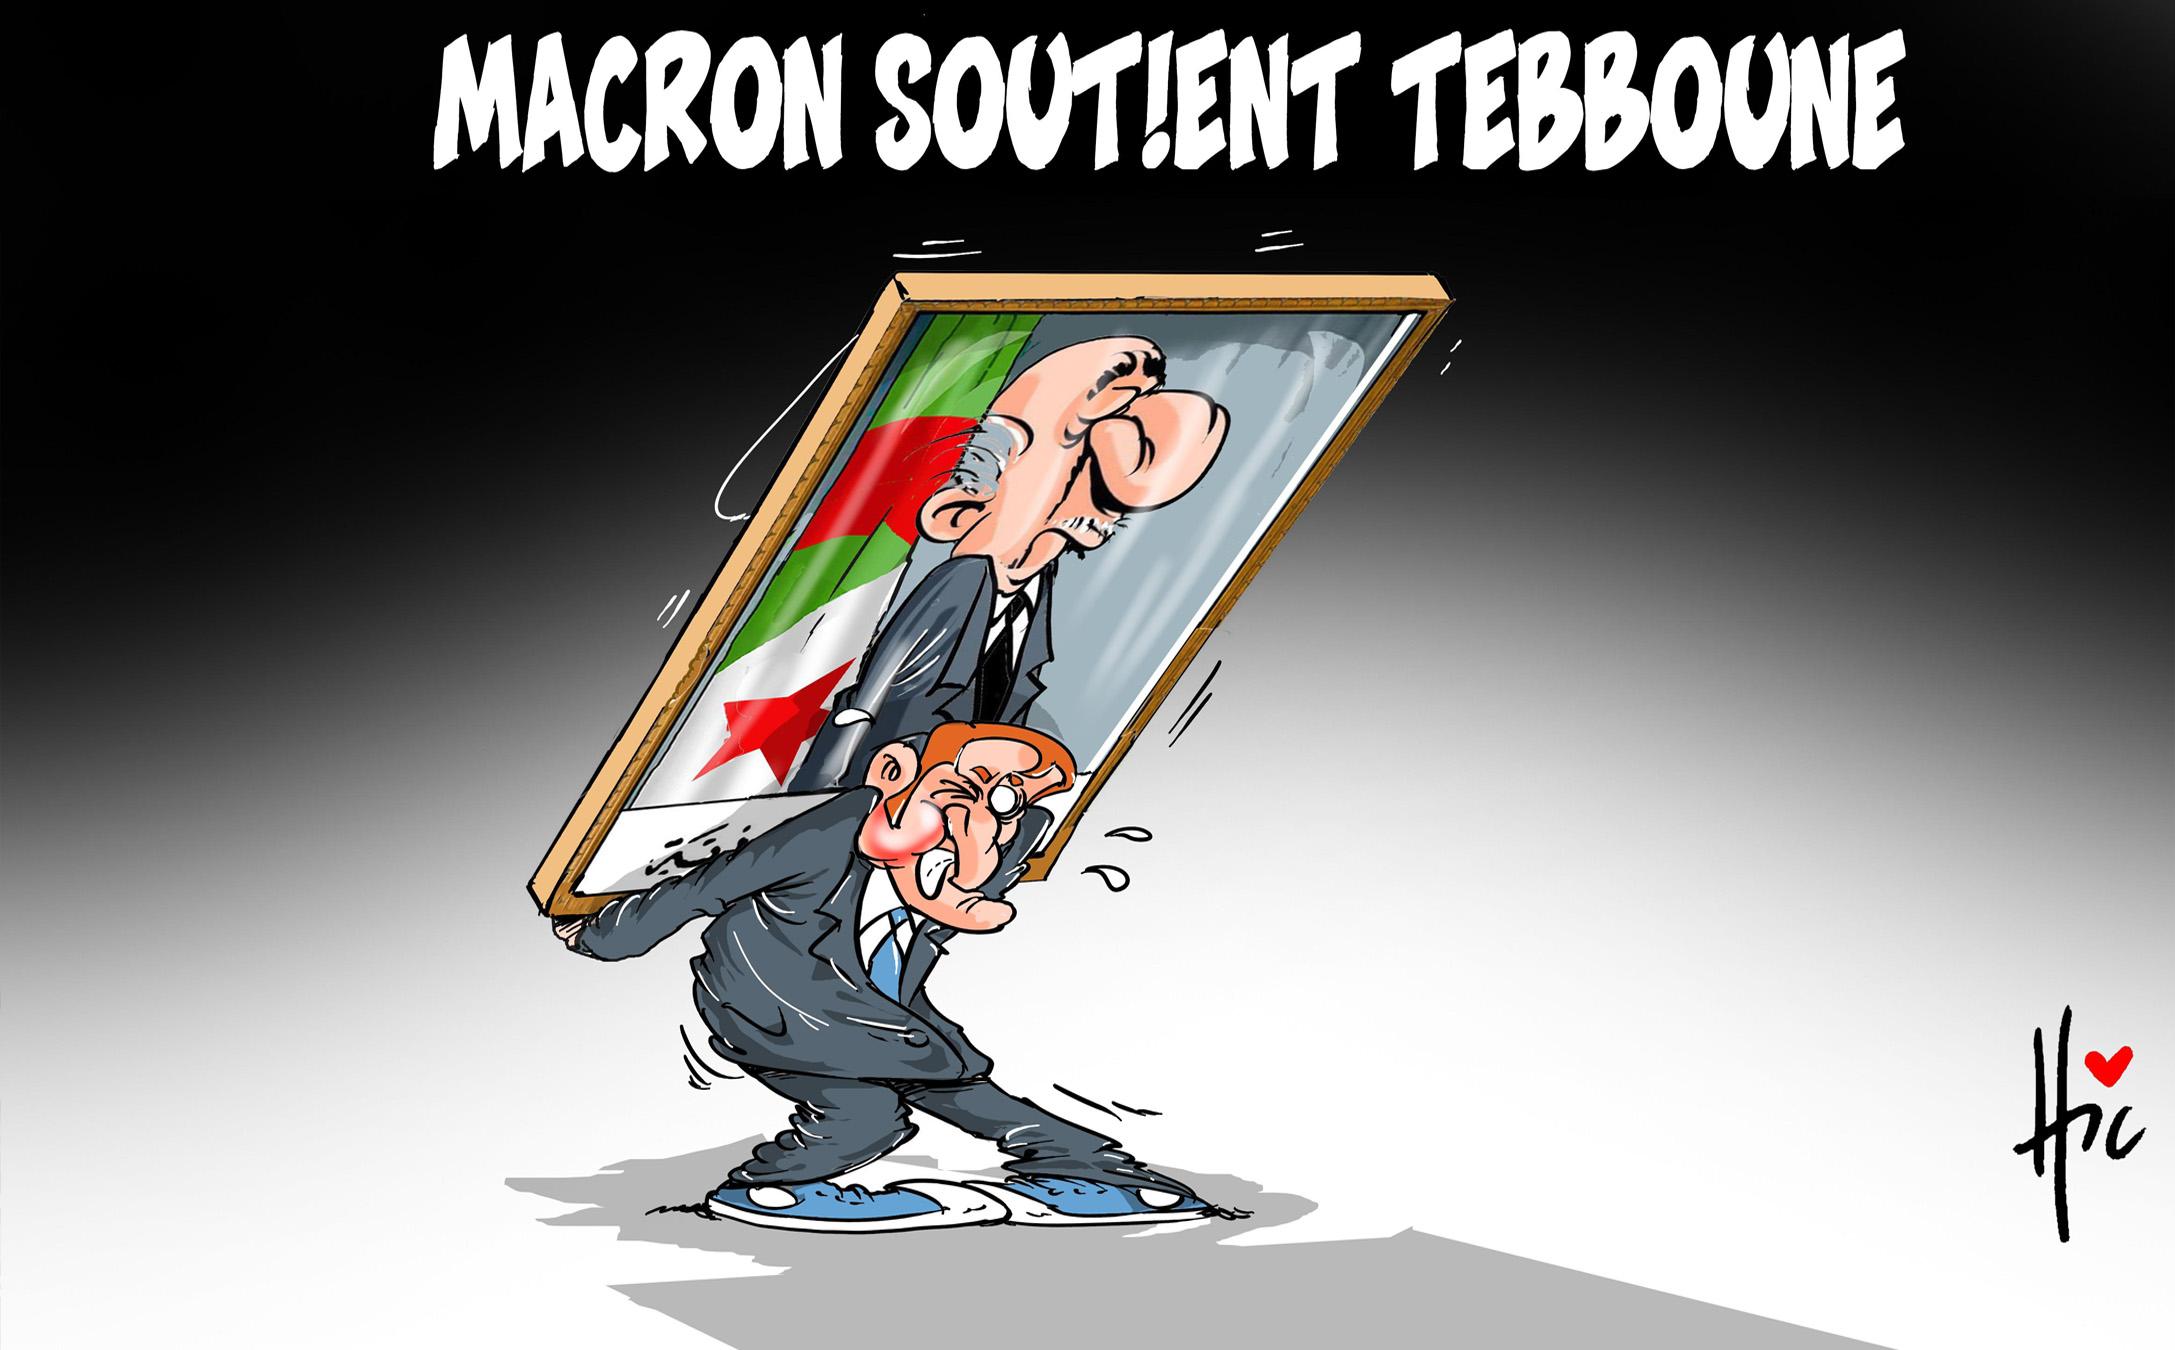 Macron soutient Tebboune - France - Gagdz.com